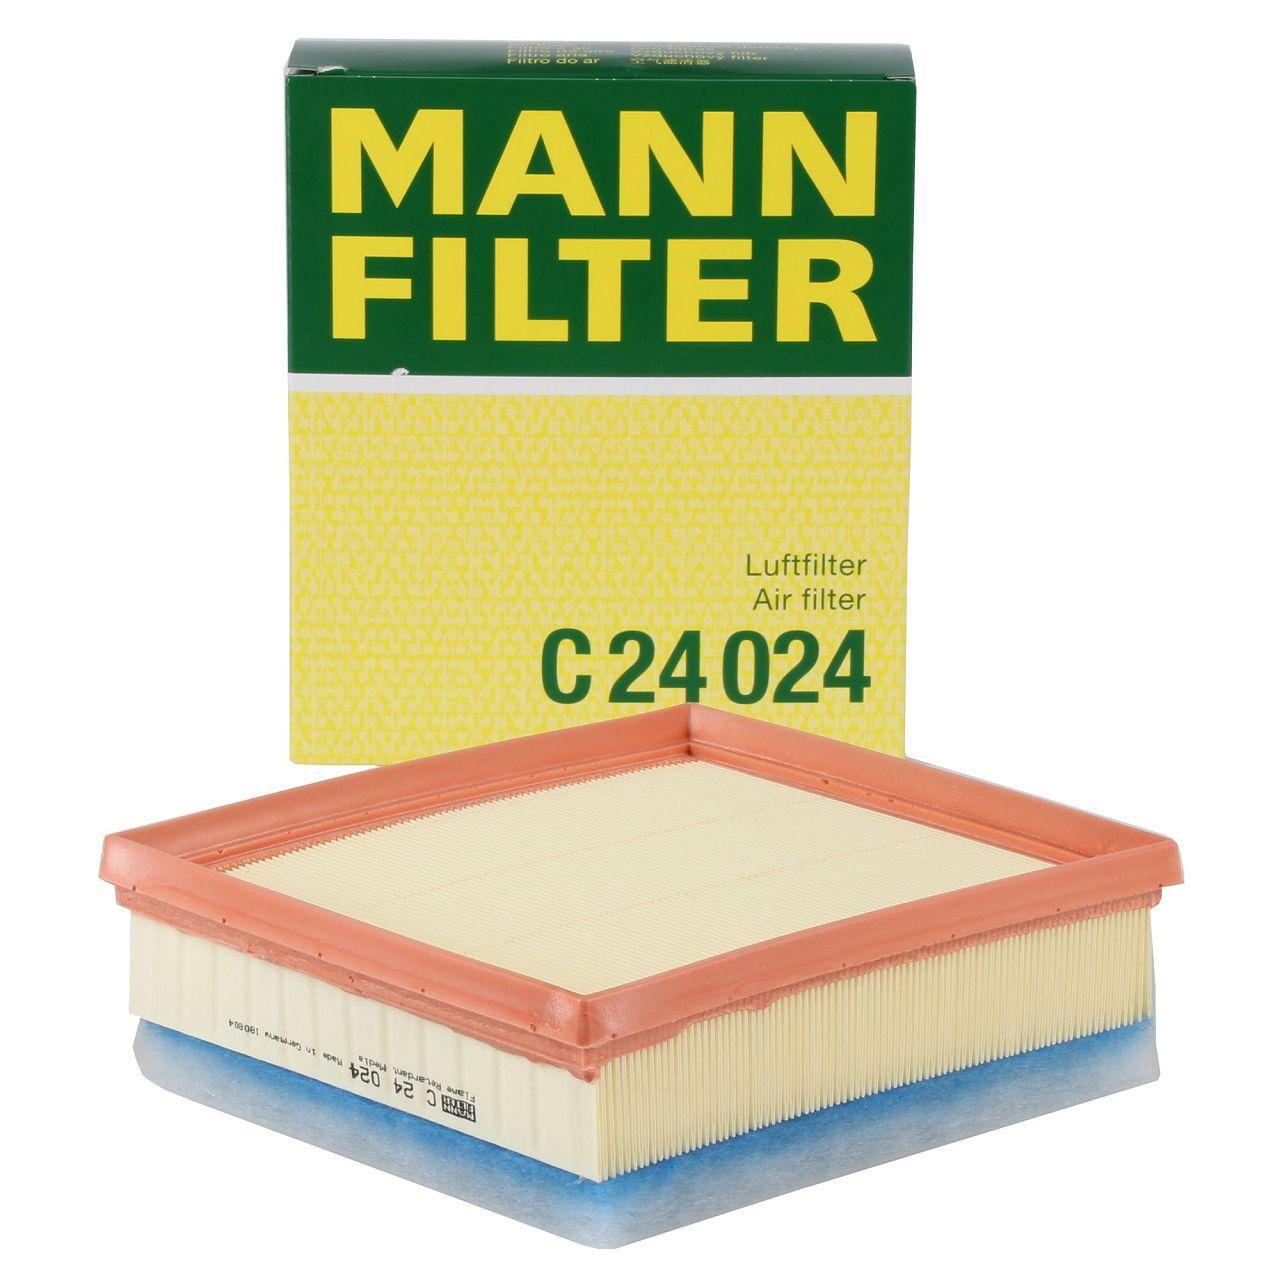 MANN C24024 Luftfilter für BMW F20/21 F22/23 F30-34 F32-36 4-Zylinder Diesel